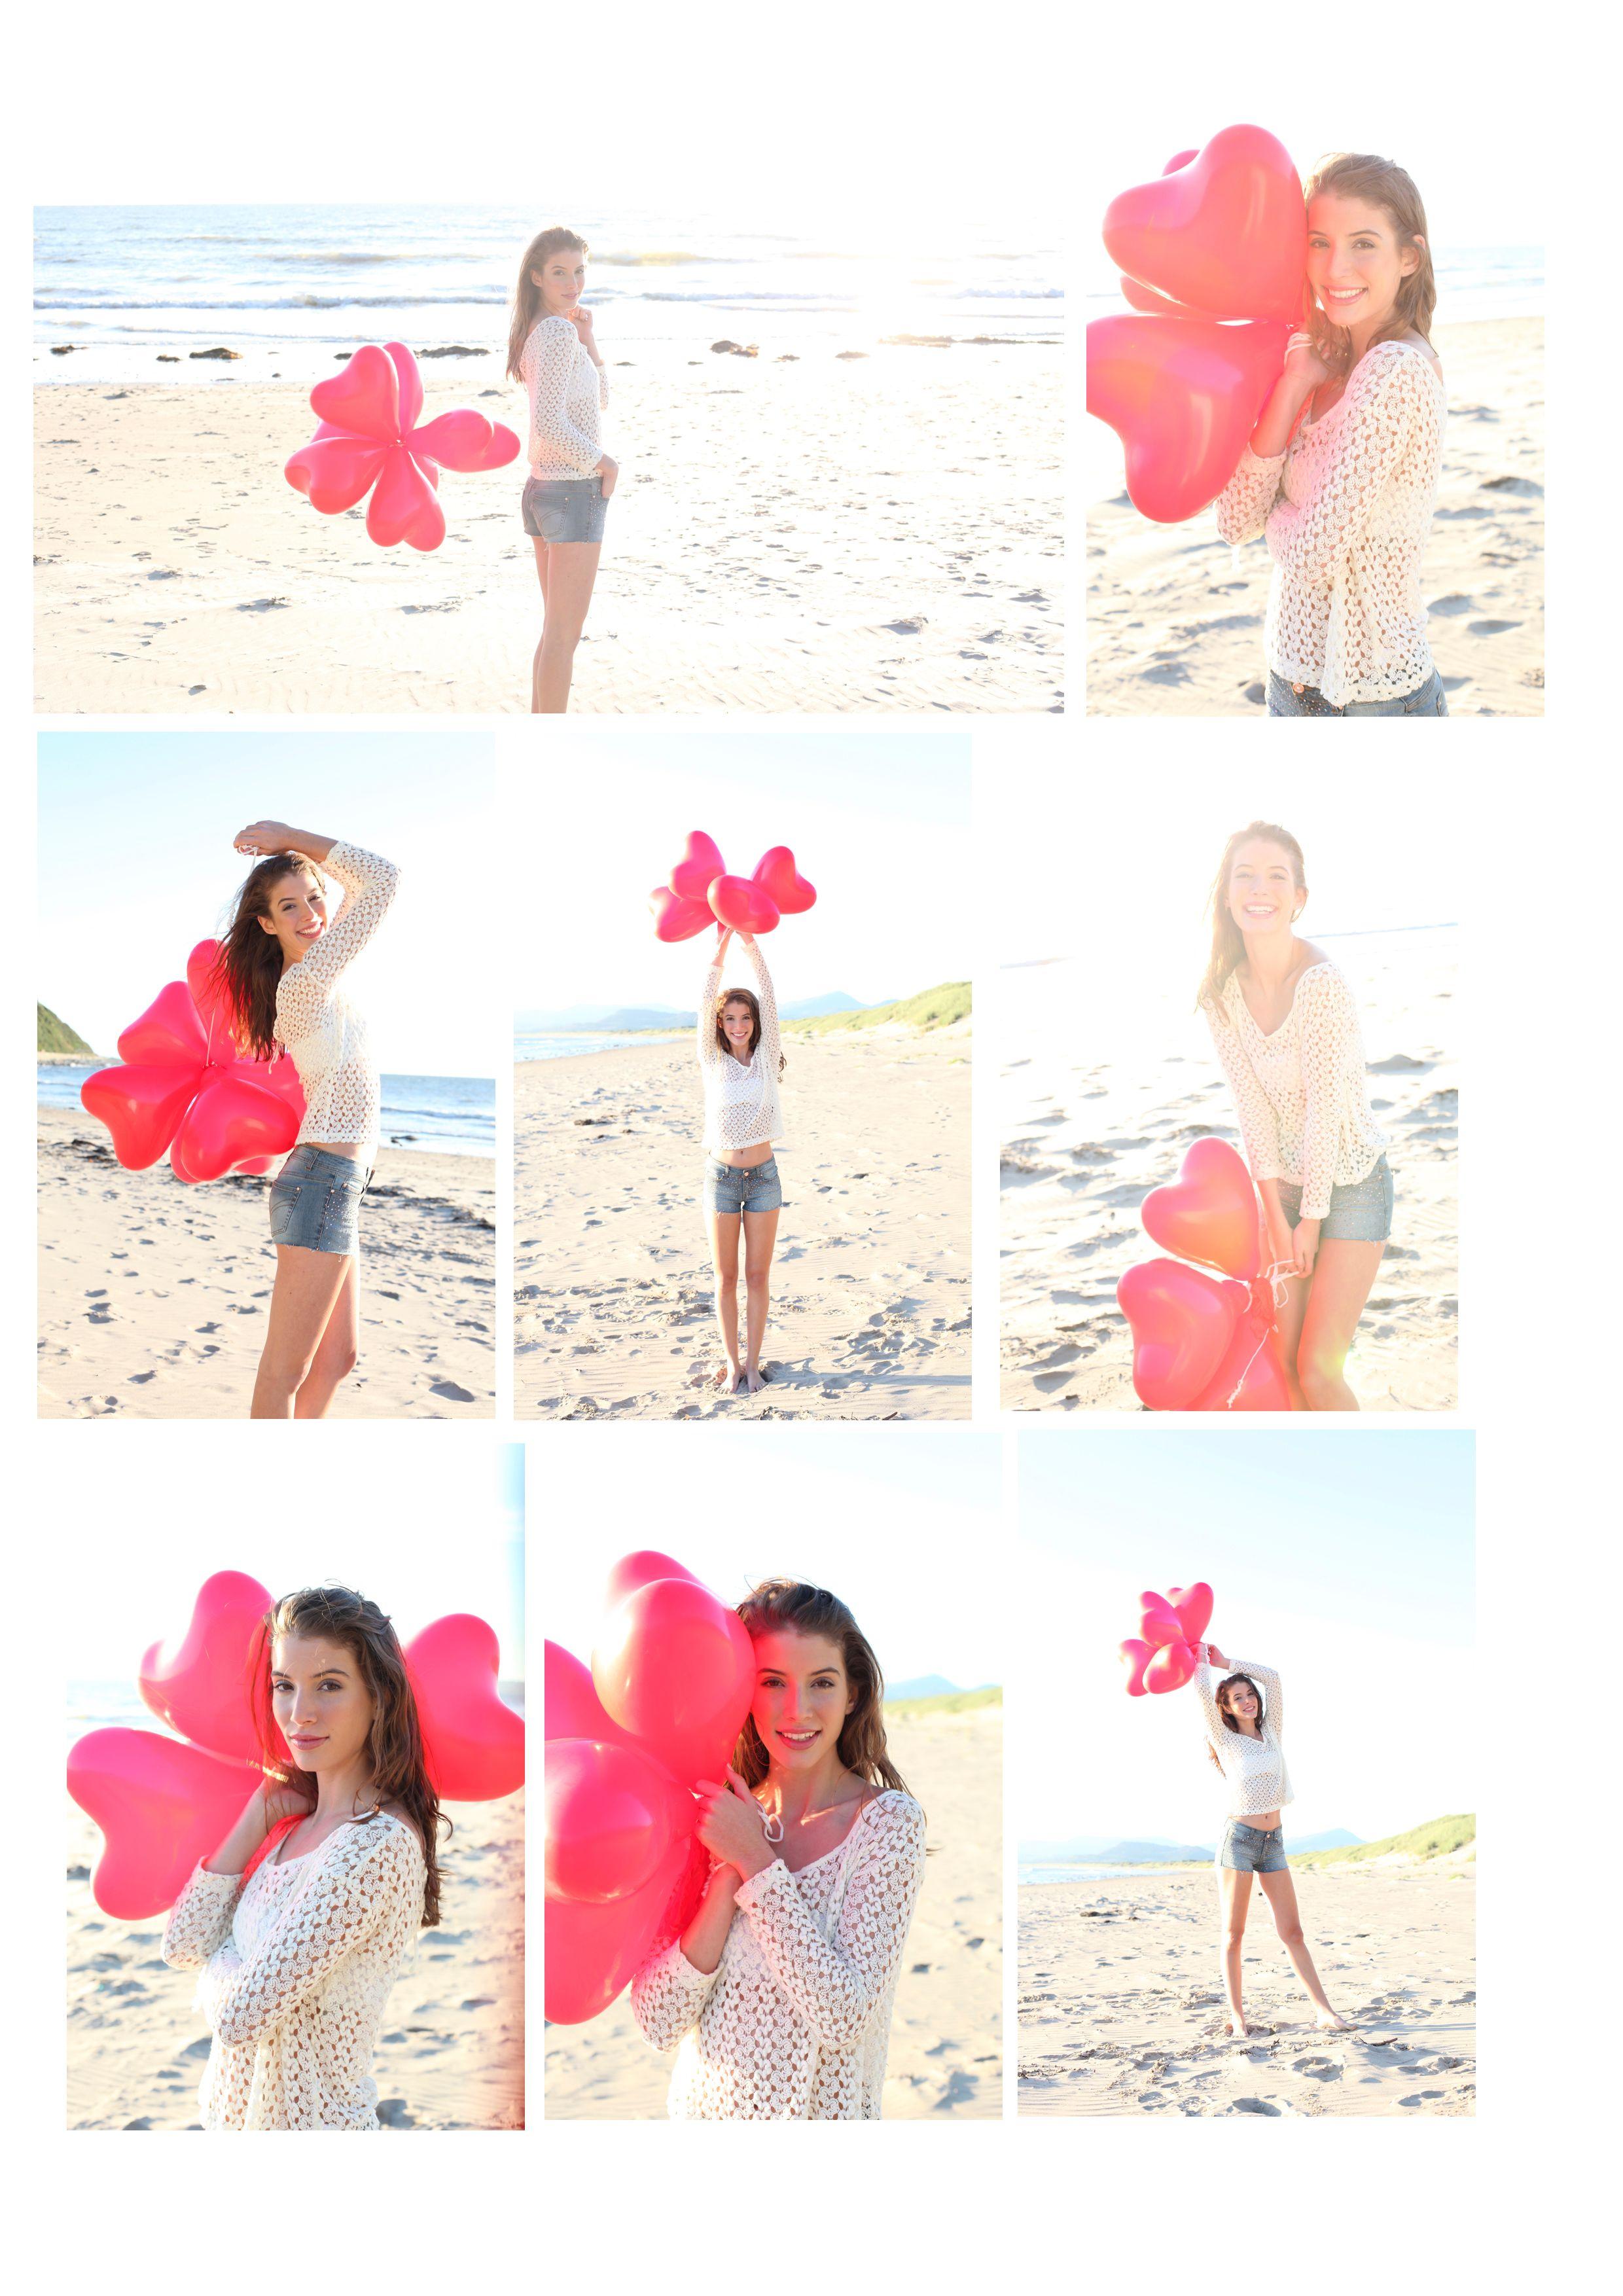 valenballoon1.jpg